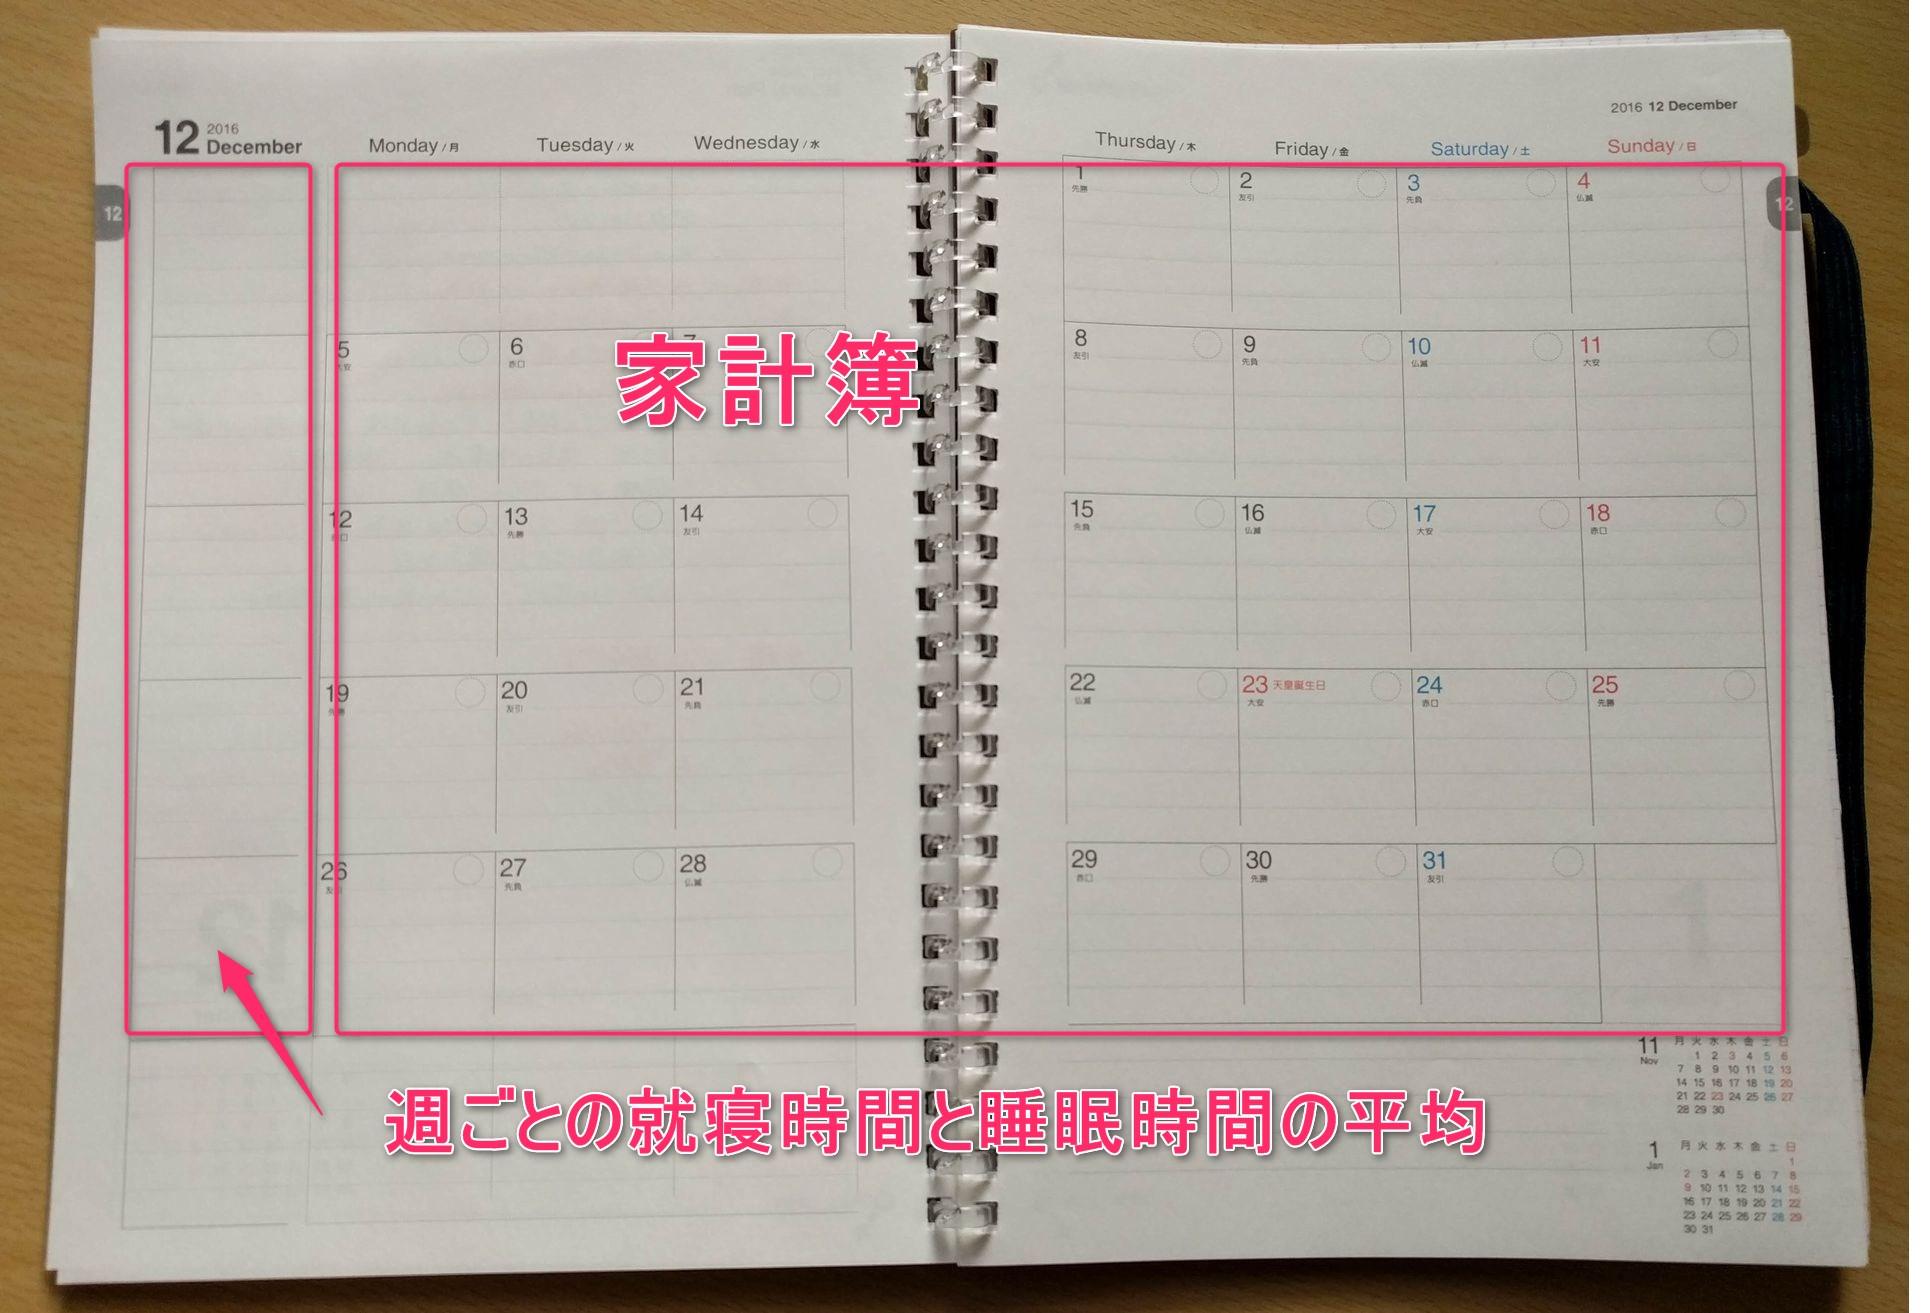 コロモガエダイアリーの月間カレンダー